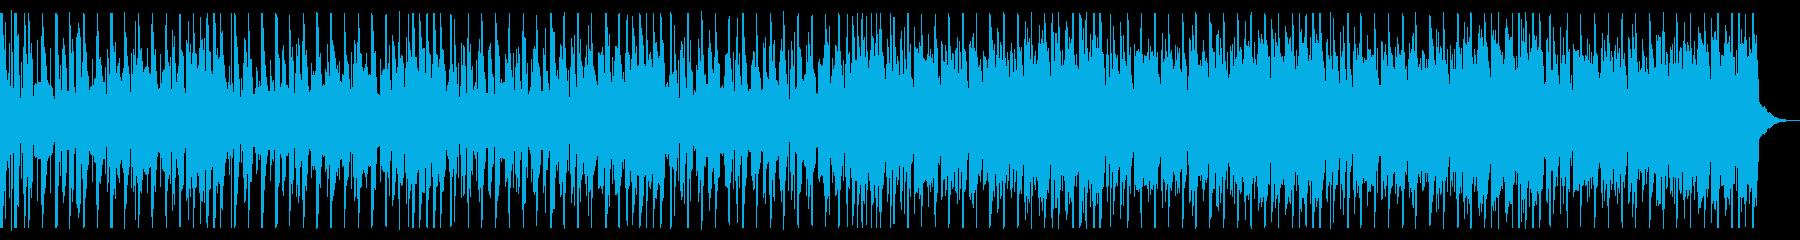 近未来的サイバーBGM_No622_3の再生済みの波形